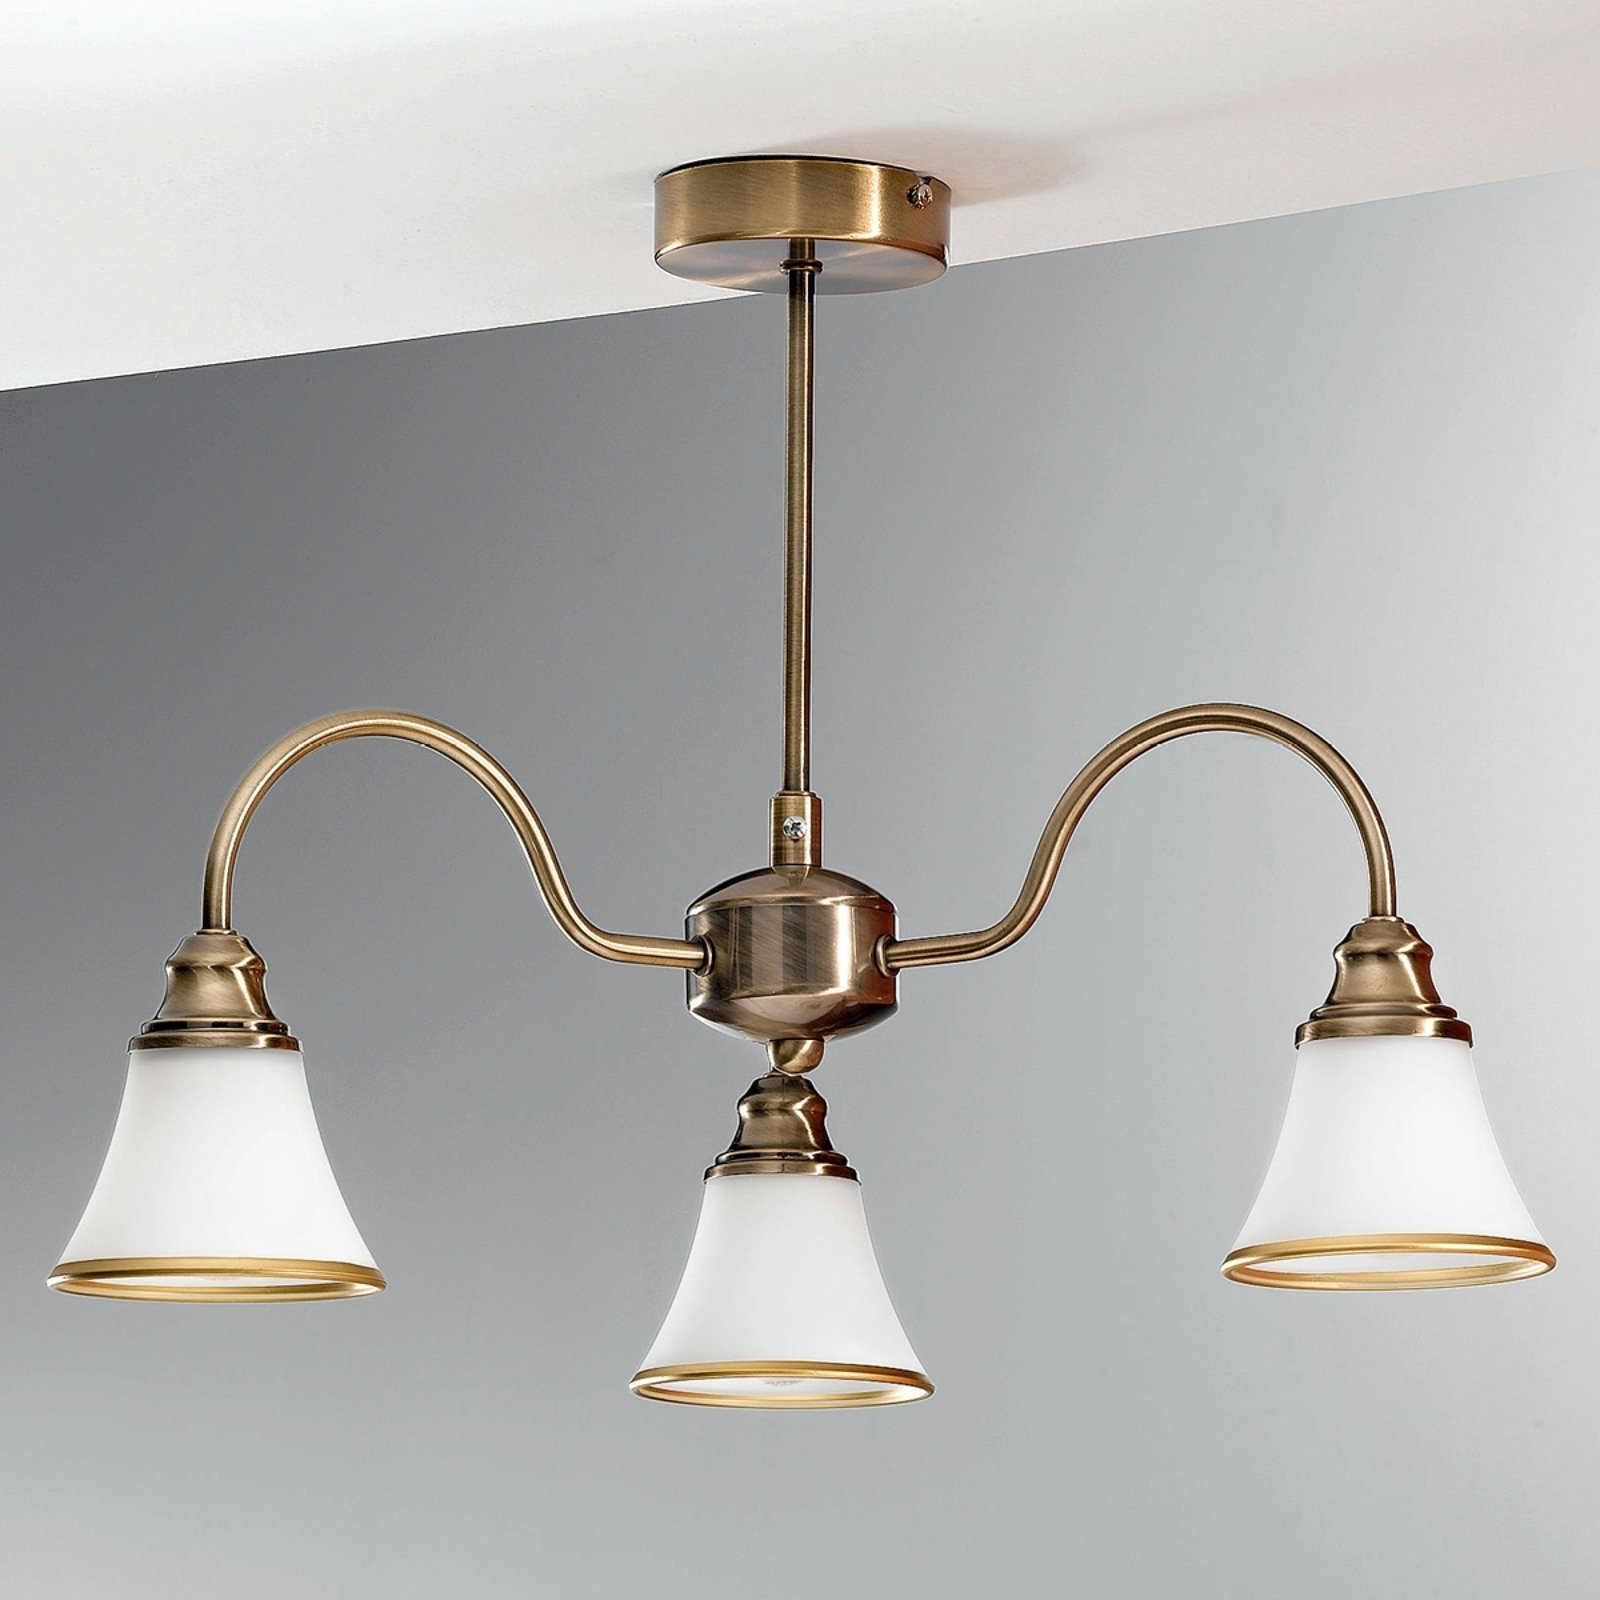 TILDA taklampe med 3 lys i antikk messing